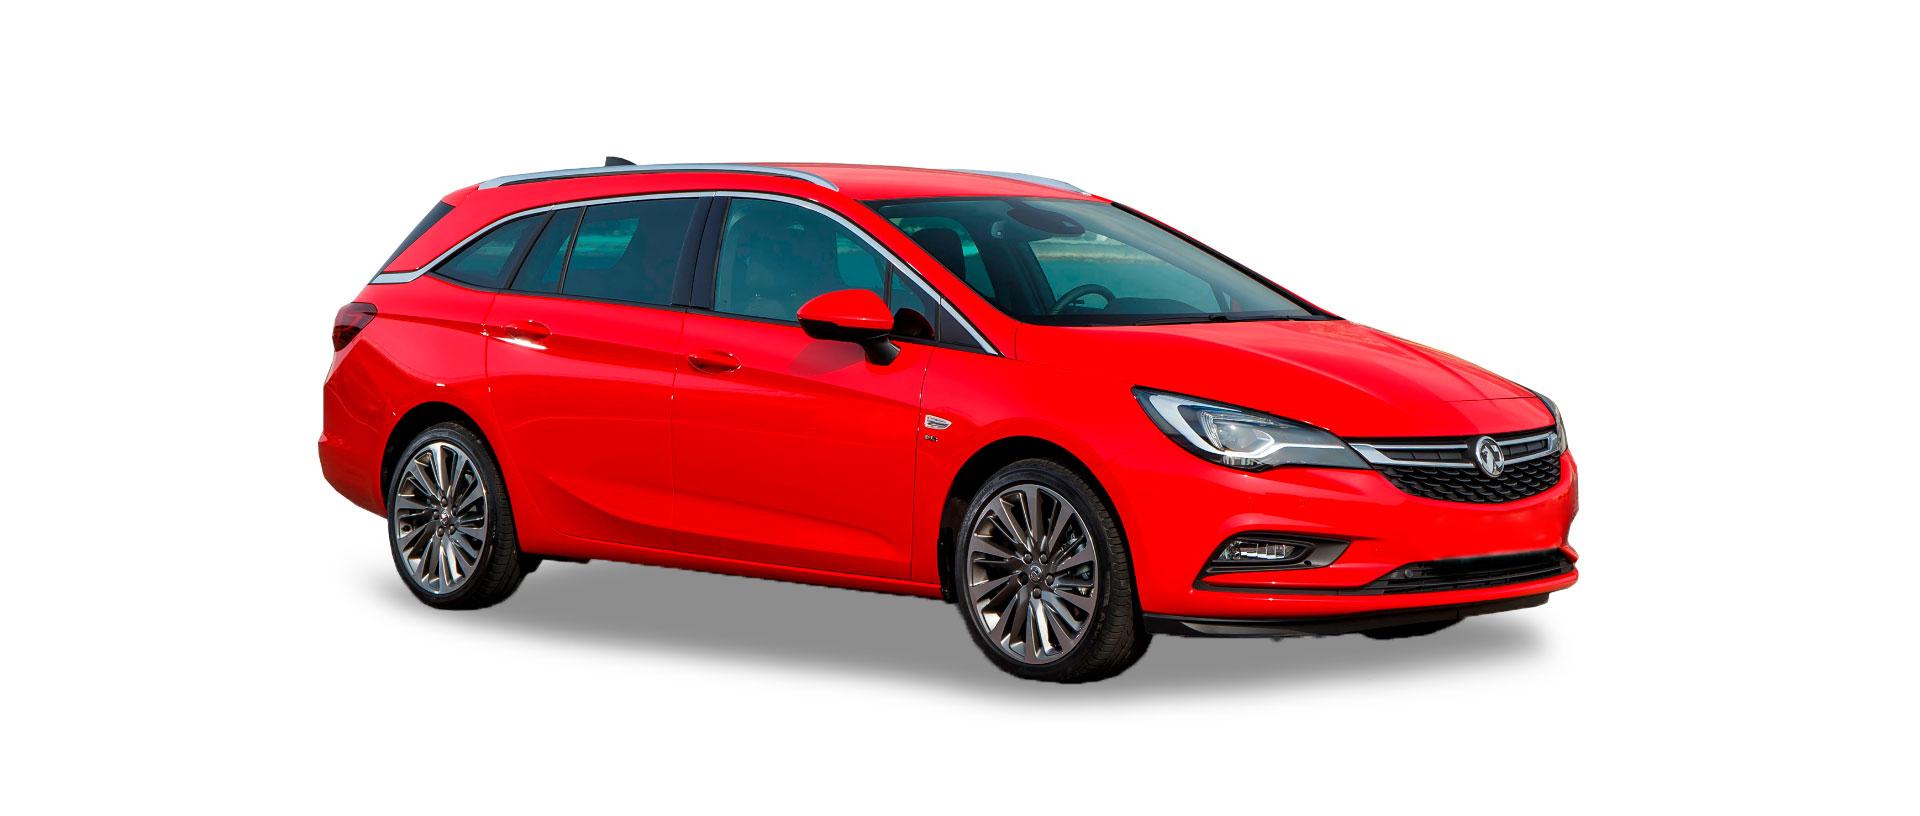 Mieten Sie einen Opel Astra